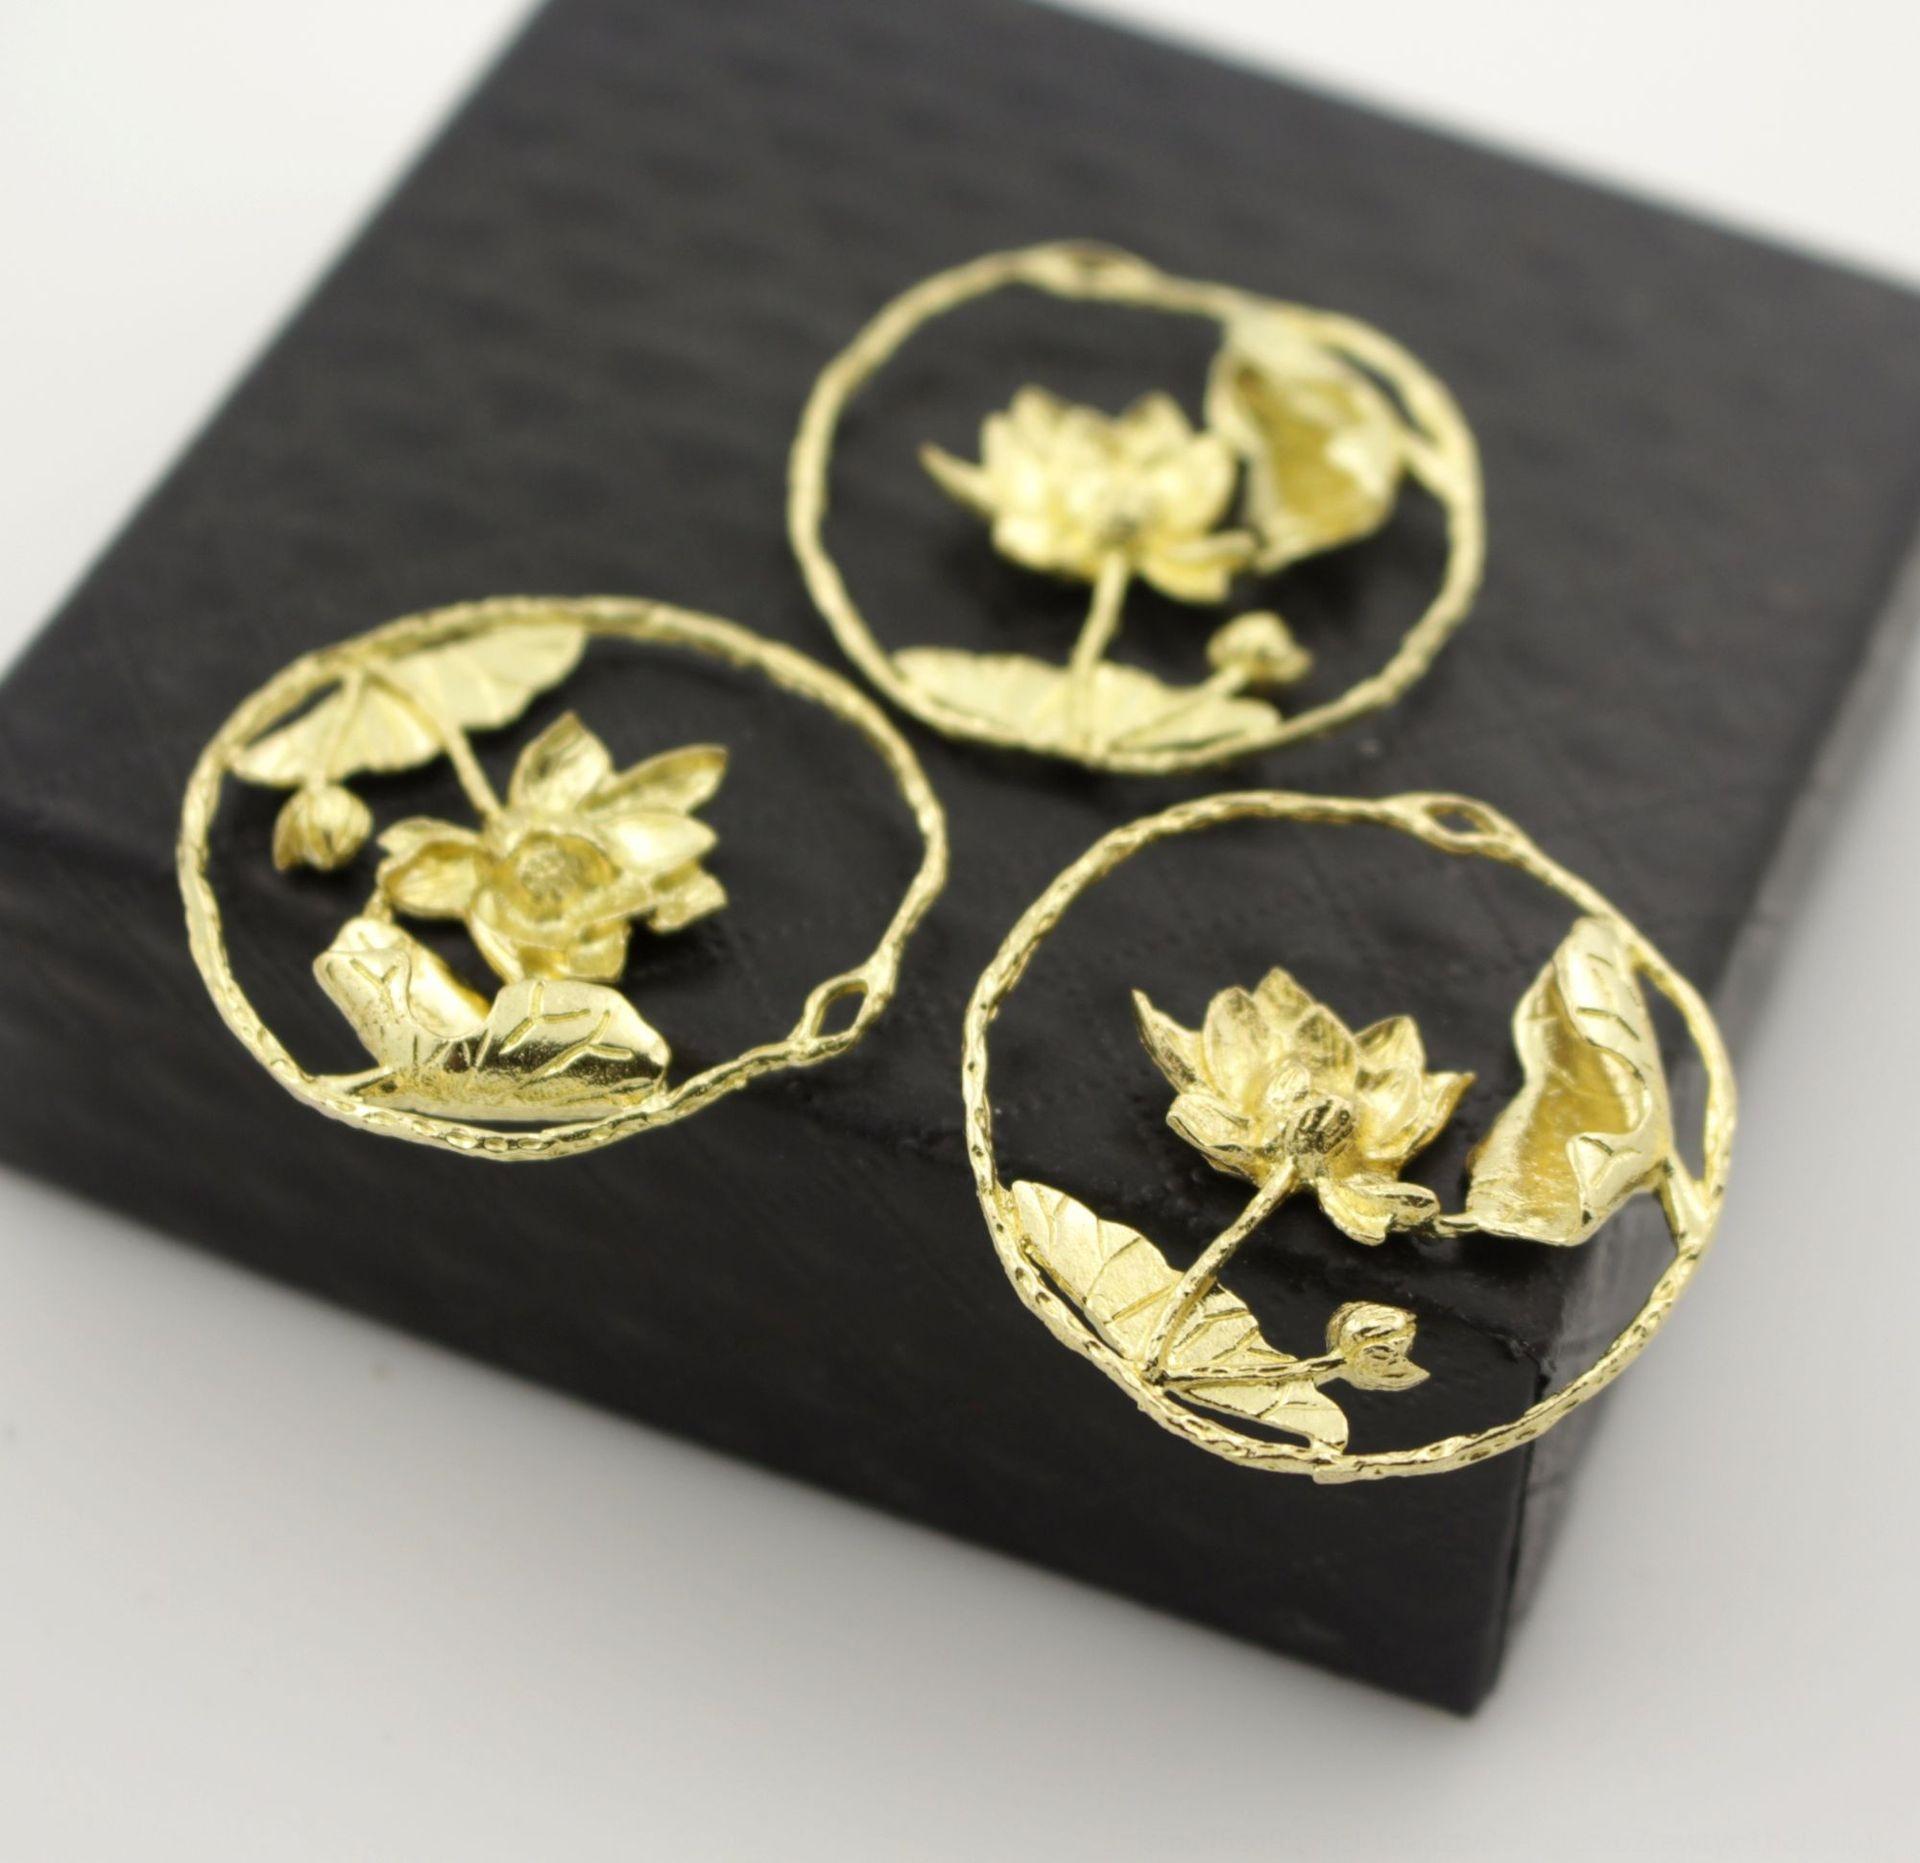 3vD2A bricolage bijoux anciens 32 * 32mm Lotus Pendentif bricolage Accessoires matériel en épingle à cheveux pendentif de lotus